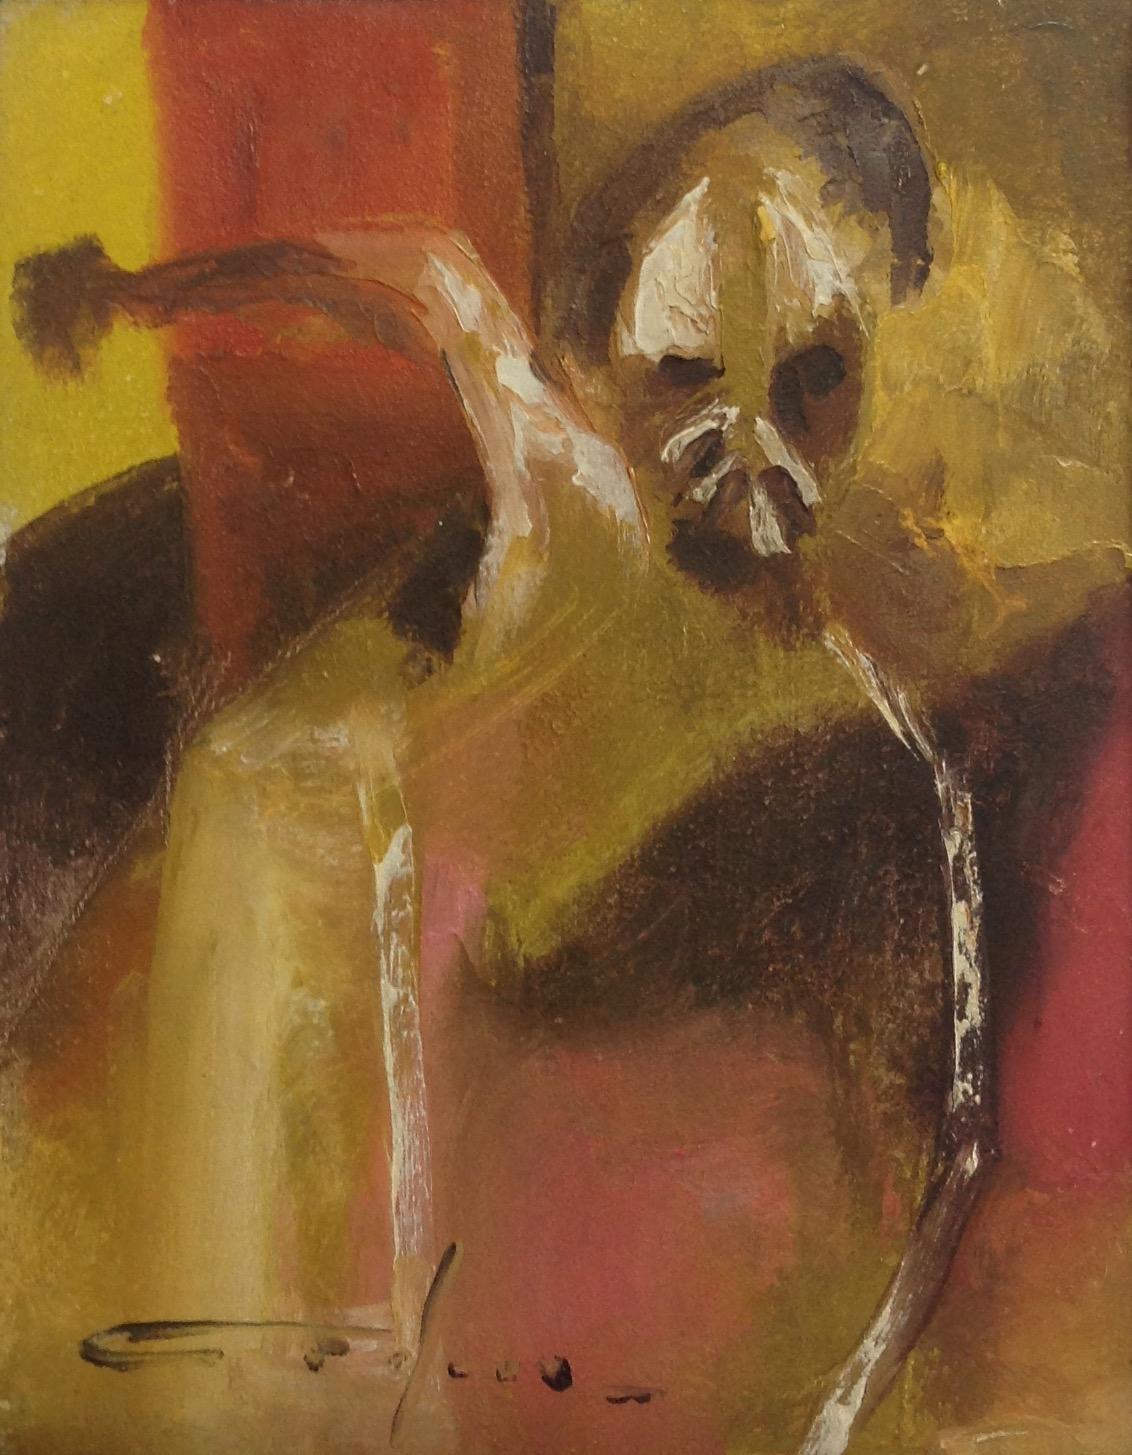 Dieudonne Cedor 8X10 #209-3-96 canvas 1973